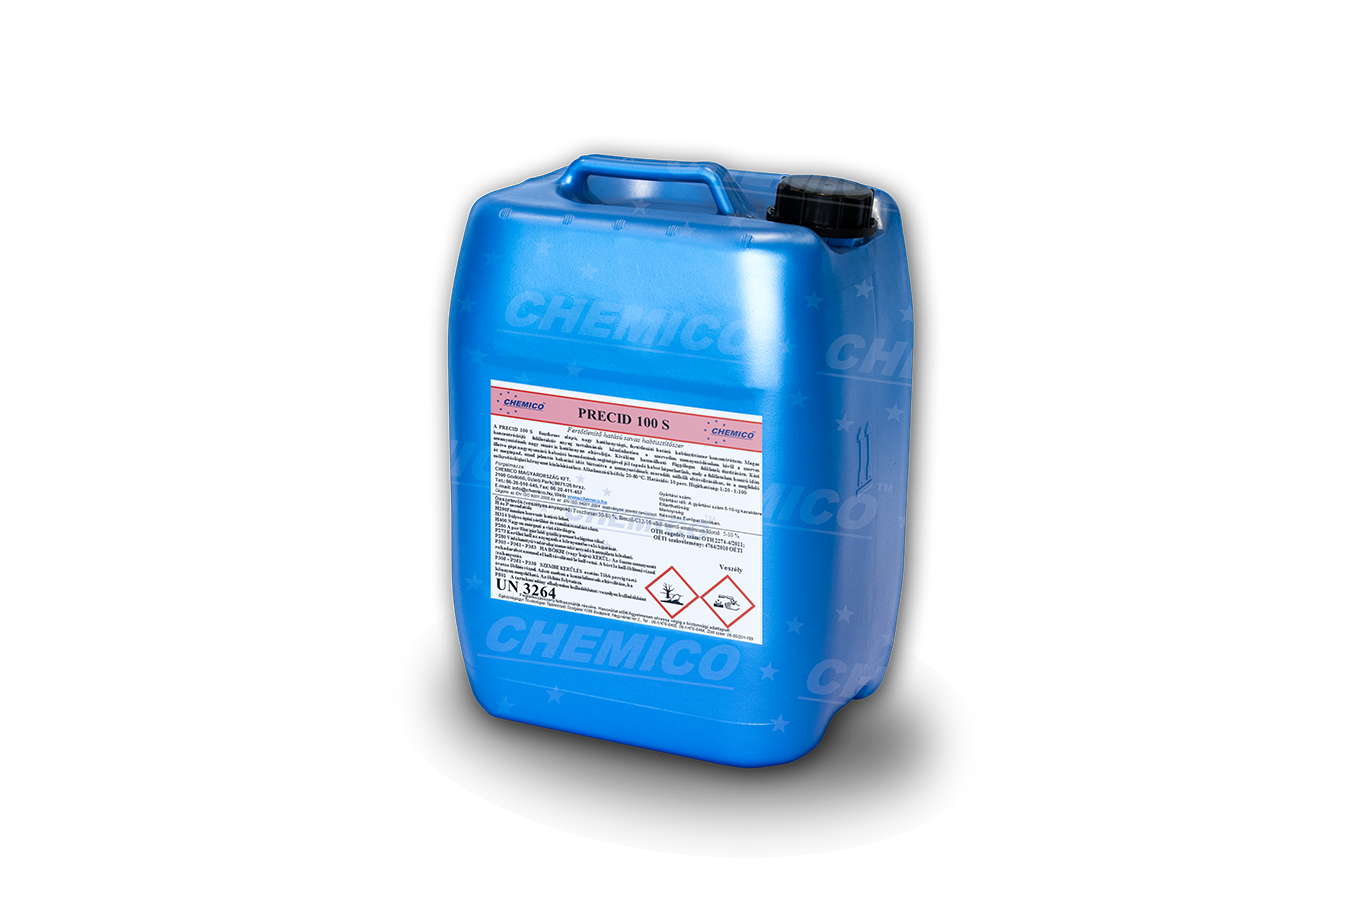 precid-100-s-vizkooldo-fertotlenito-savas-foszforsavas-ipari-chemico-20l